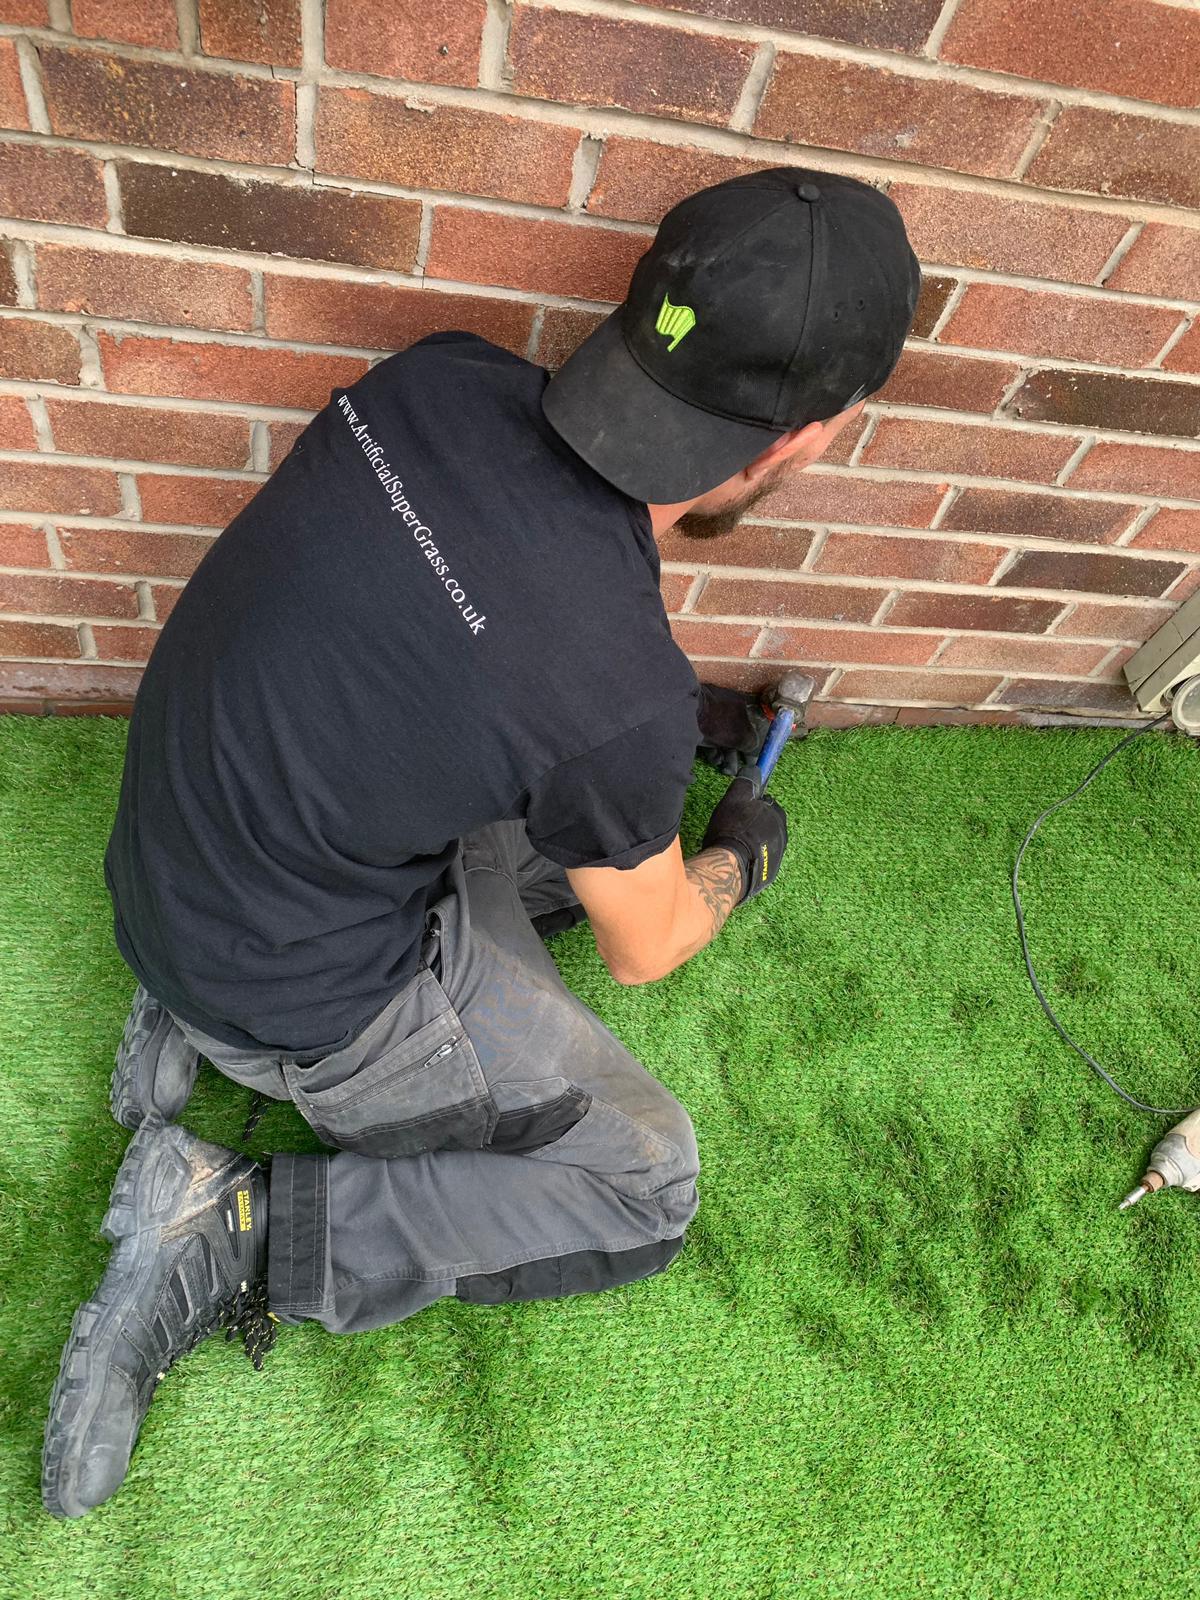 Best Quality Artificial Grass Sunderland Artificial Super Grass